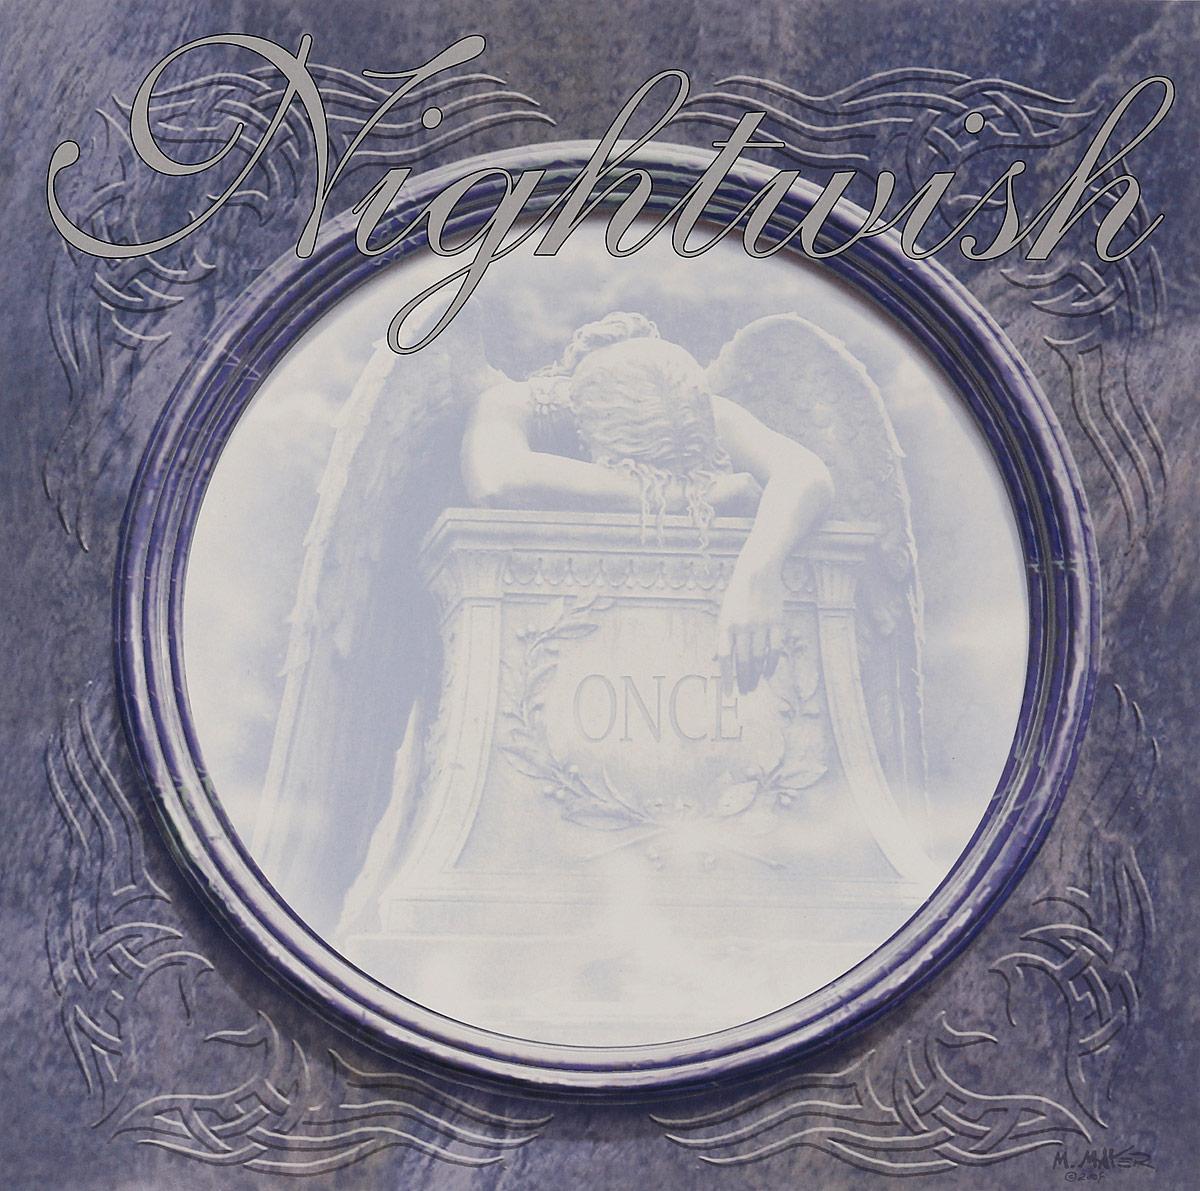 Nightwish Nightwish. Once (2 LP) nightwish nightwish decades best of 1996 2015 3 lp